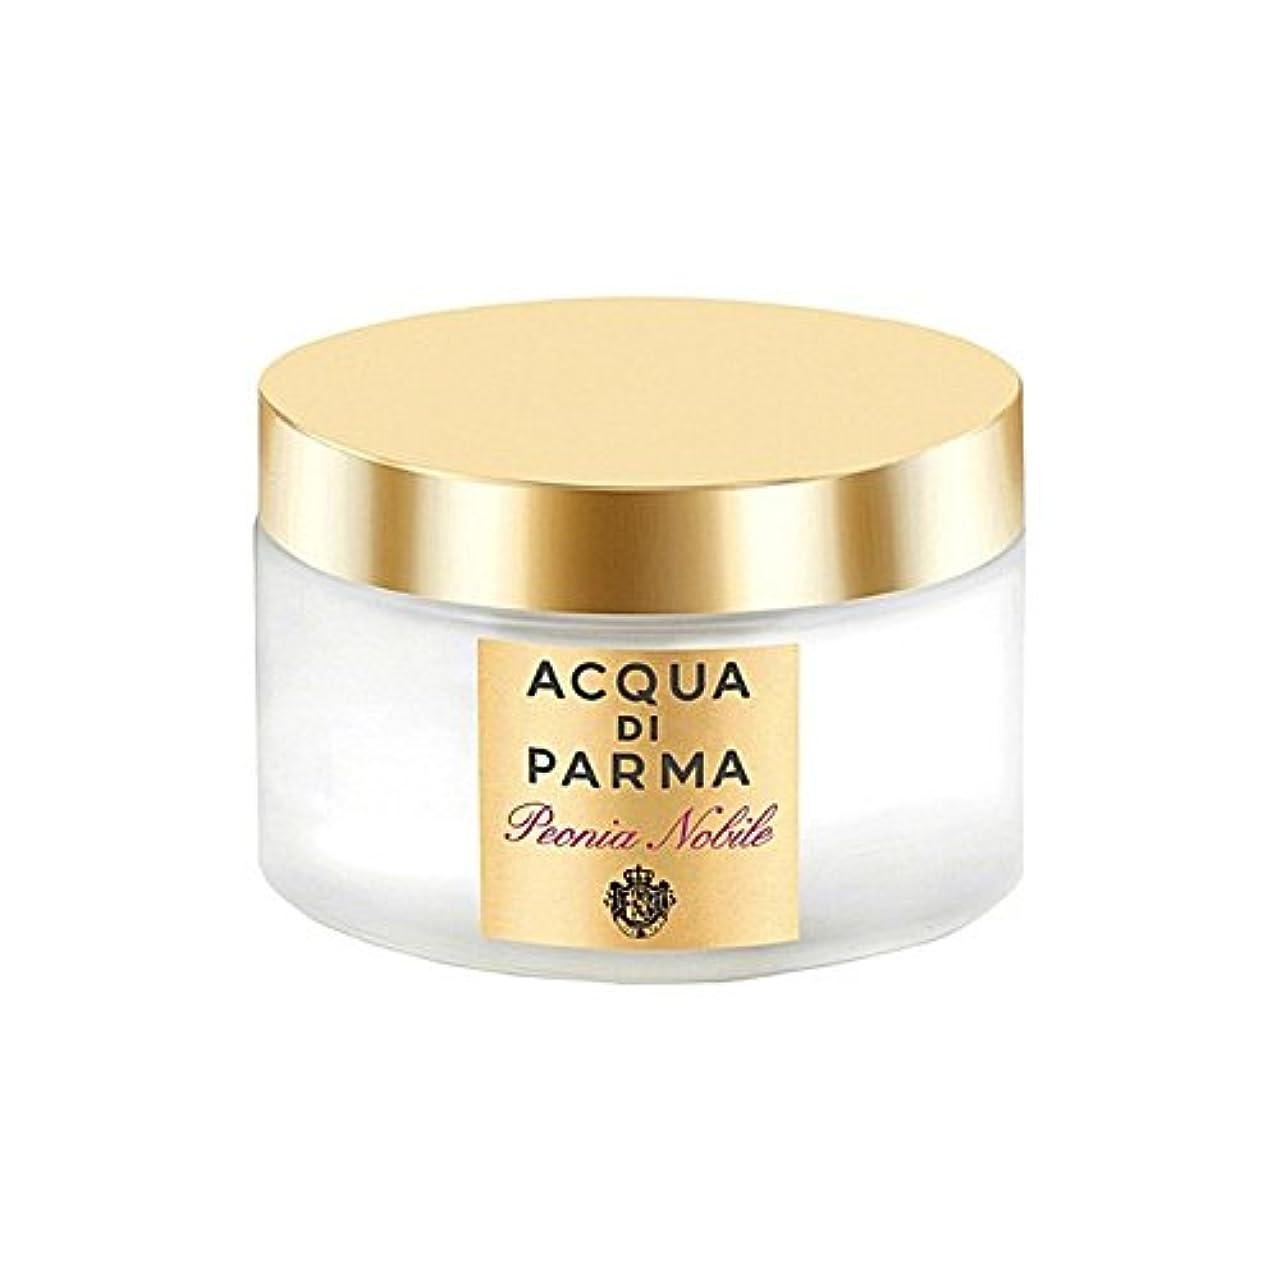 海峡ひも夫半導体Acqua Di Parma Peonia Nobile Body Cream 150ml (Pack of 6) - アクアディパルマノビレボディクリーム150ミリリットル x6 [並行輸入品]